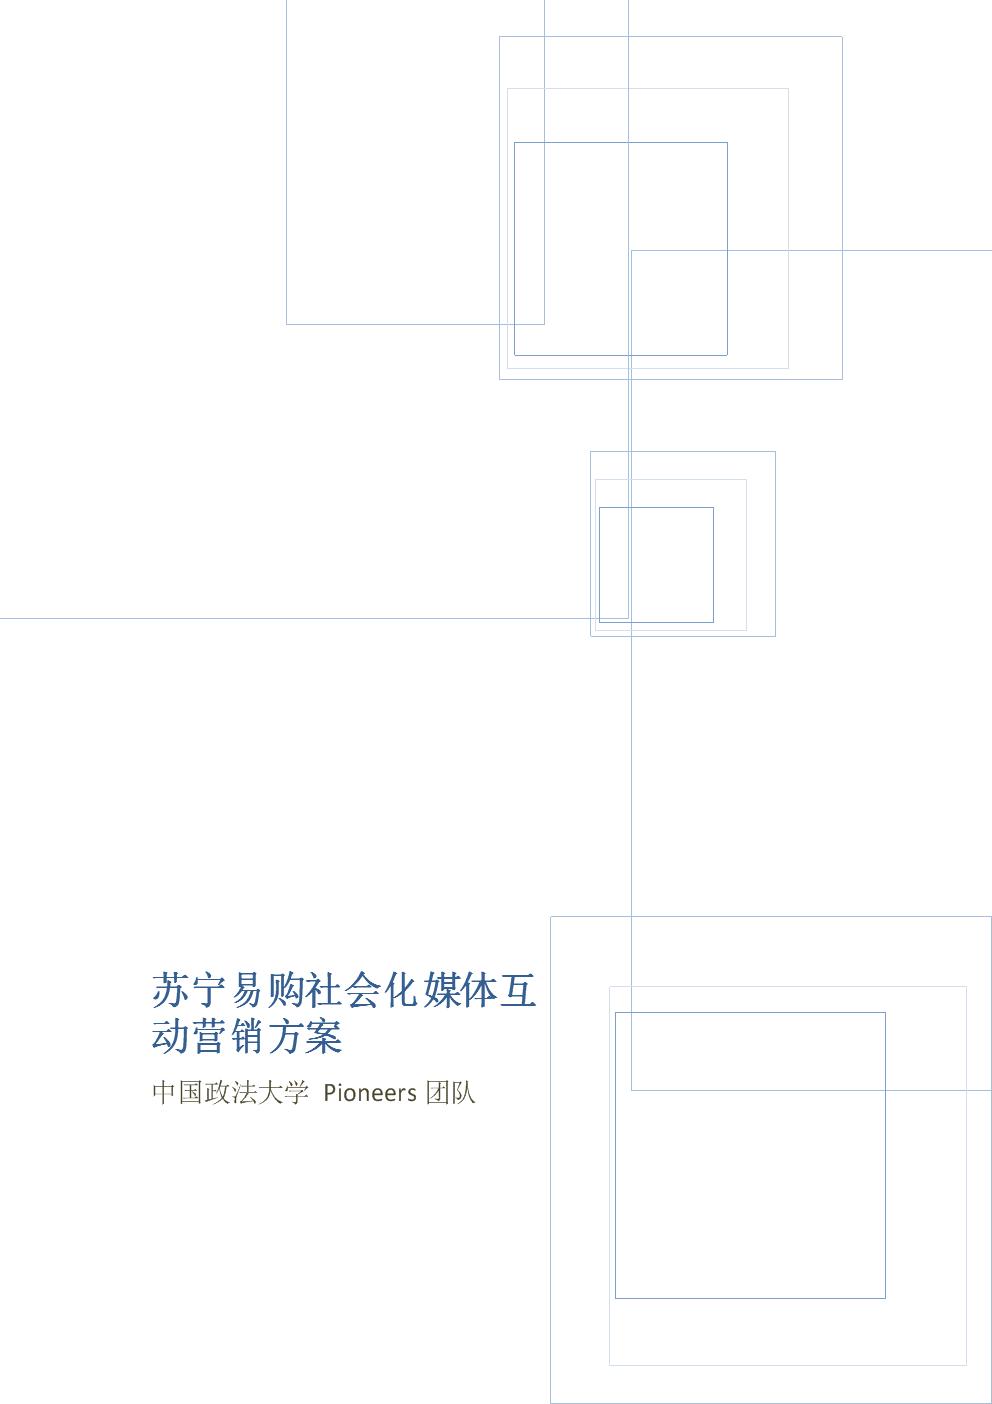 苏宁易购长期宣传方案.docx